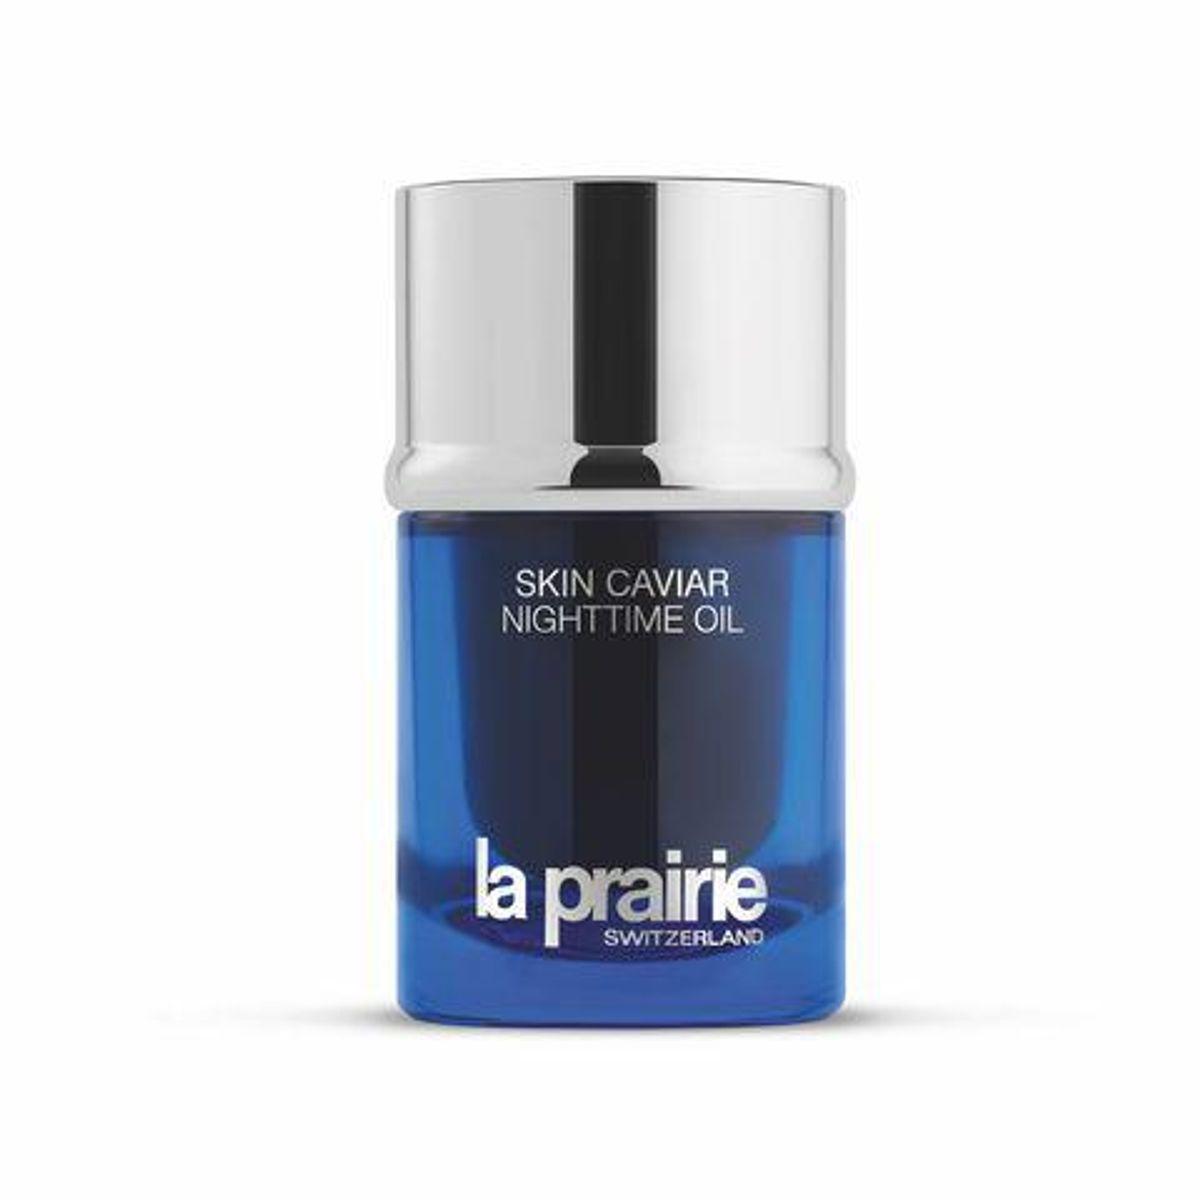 la prairie skin caviar nighttime oil